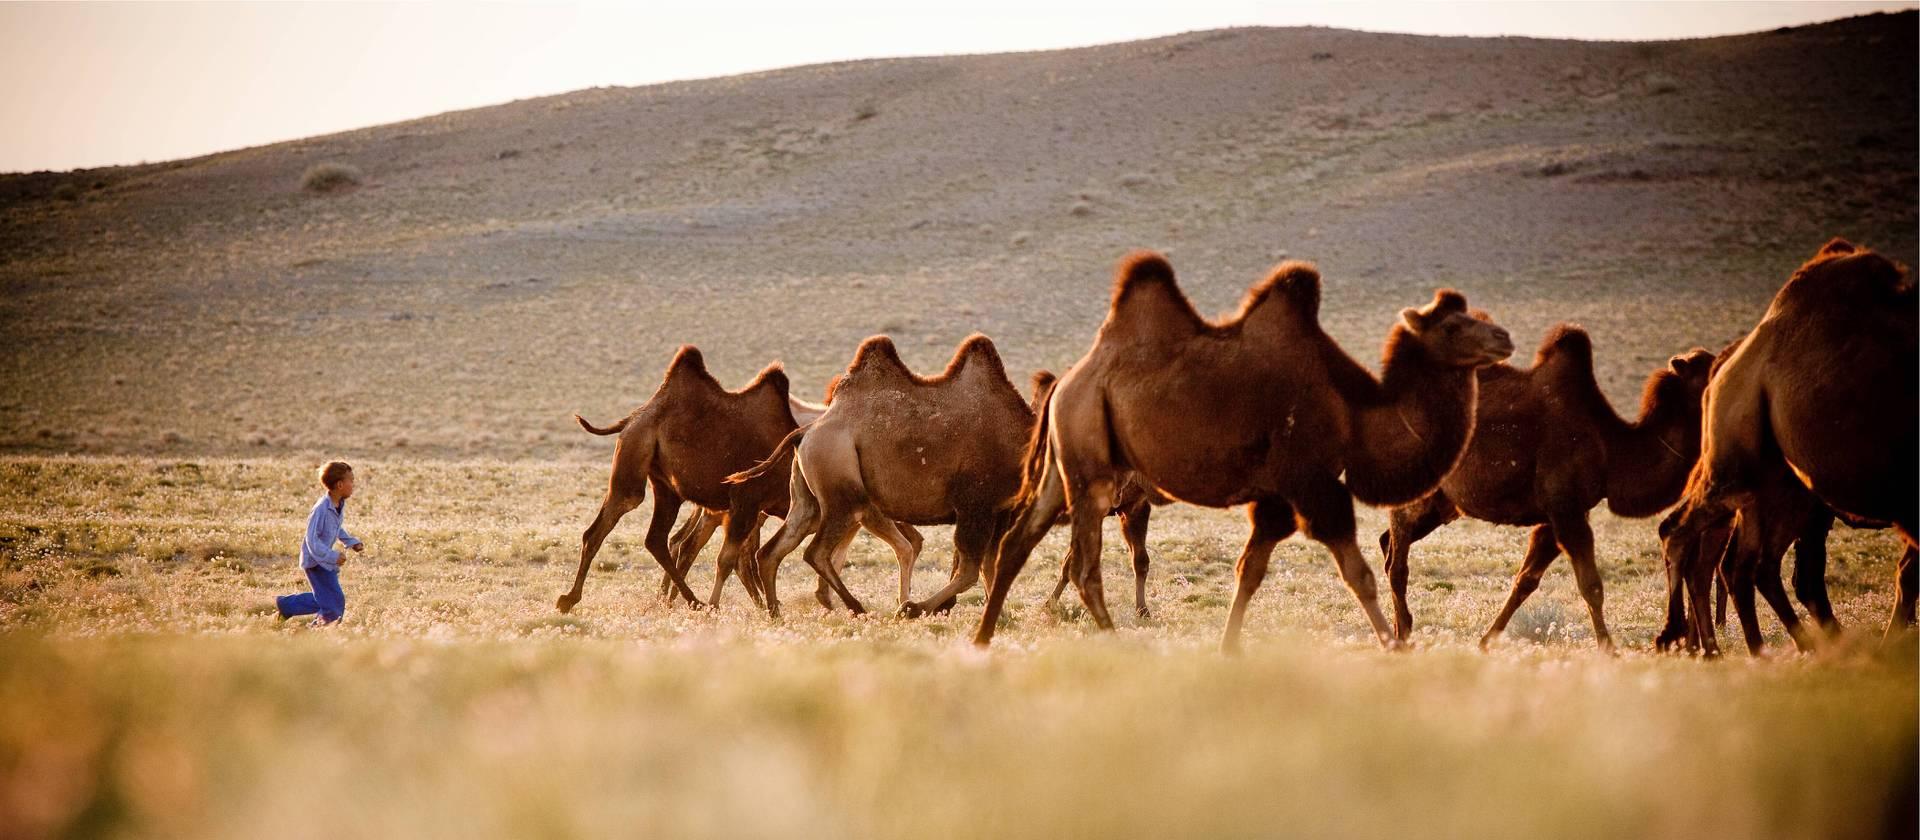 little boy with camels on gobi desert trek